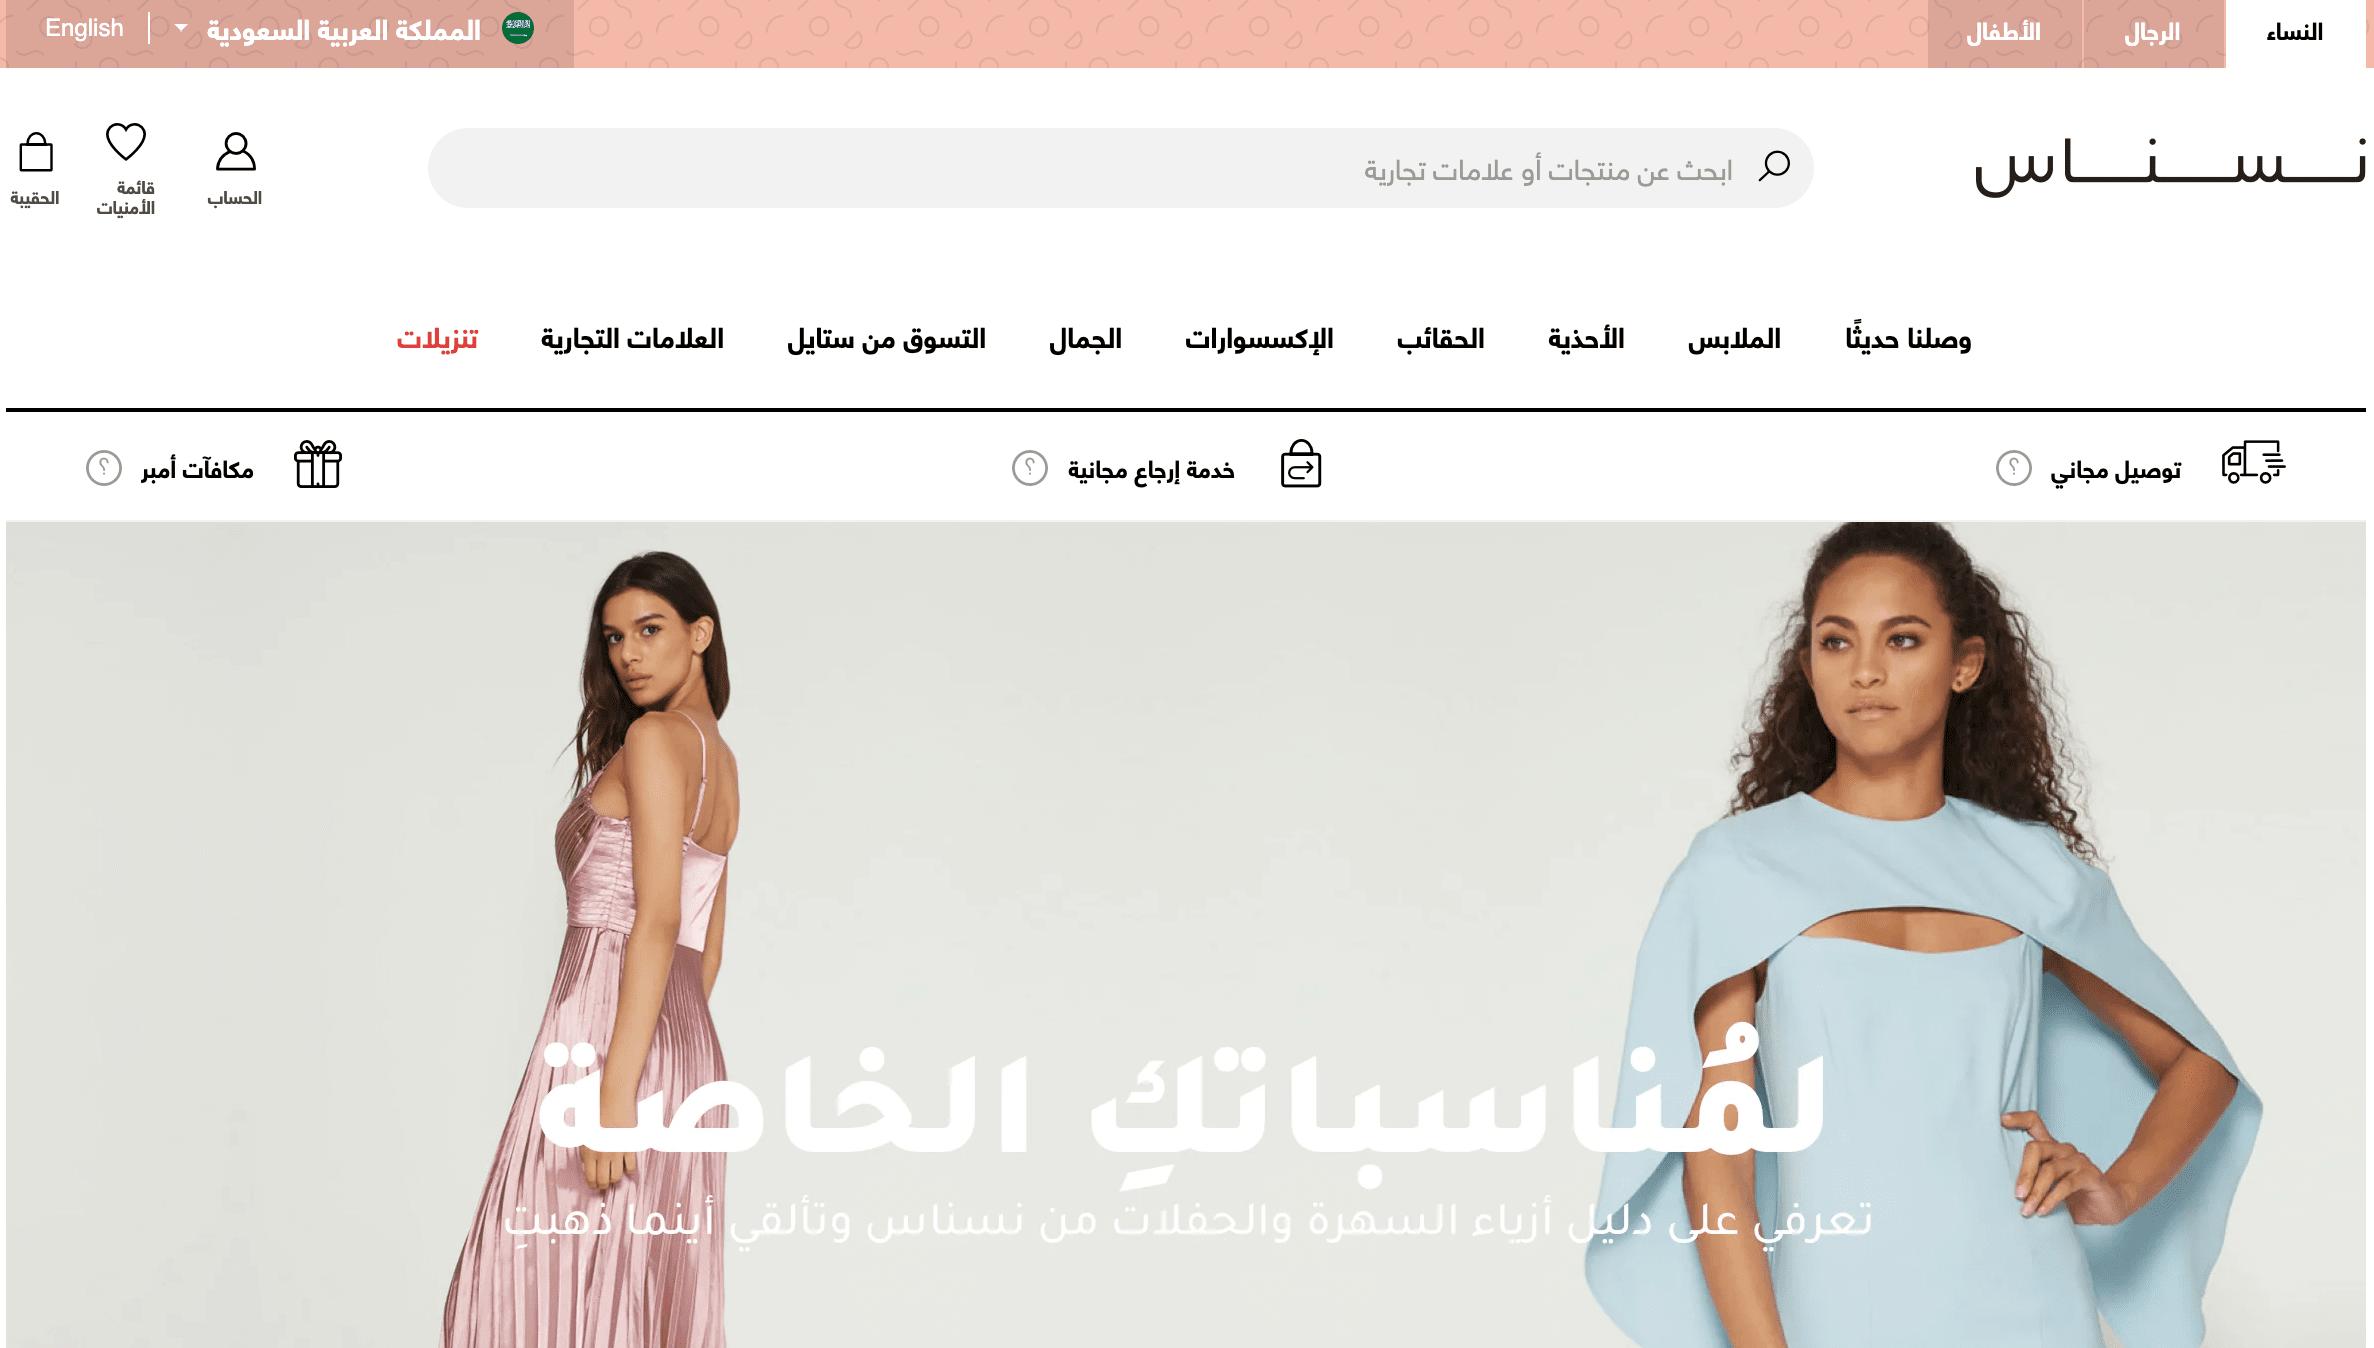 موقع متجر نسناس Nisnass للتسوق والموضة |كوبون خصم متجر نسناس للتسوق